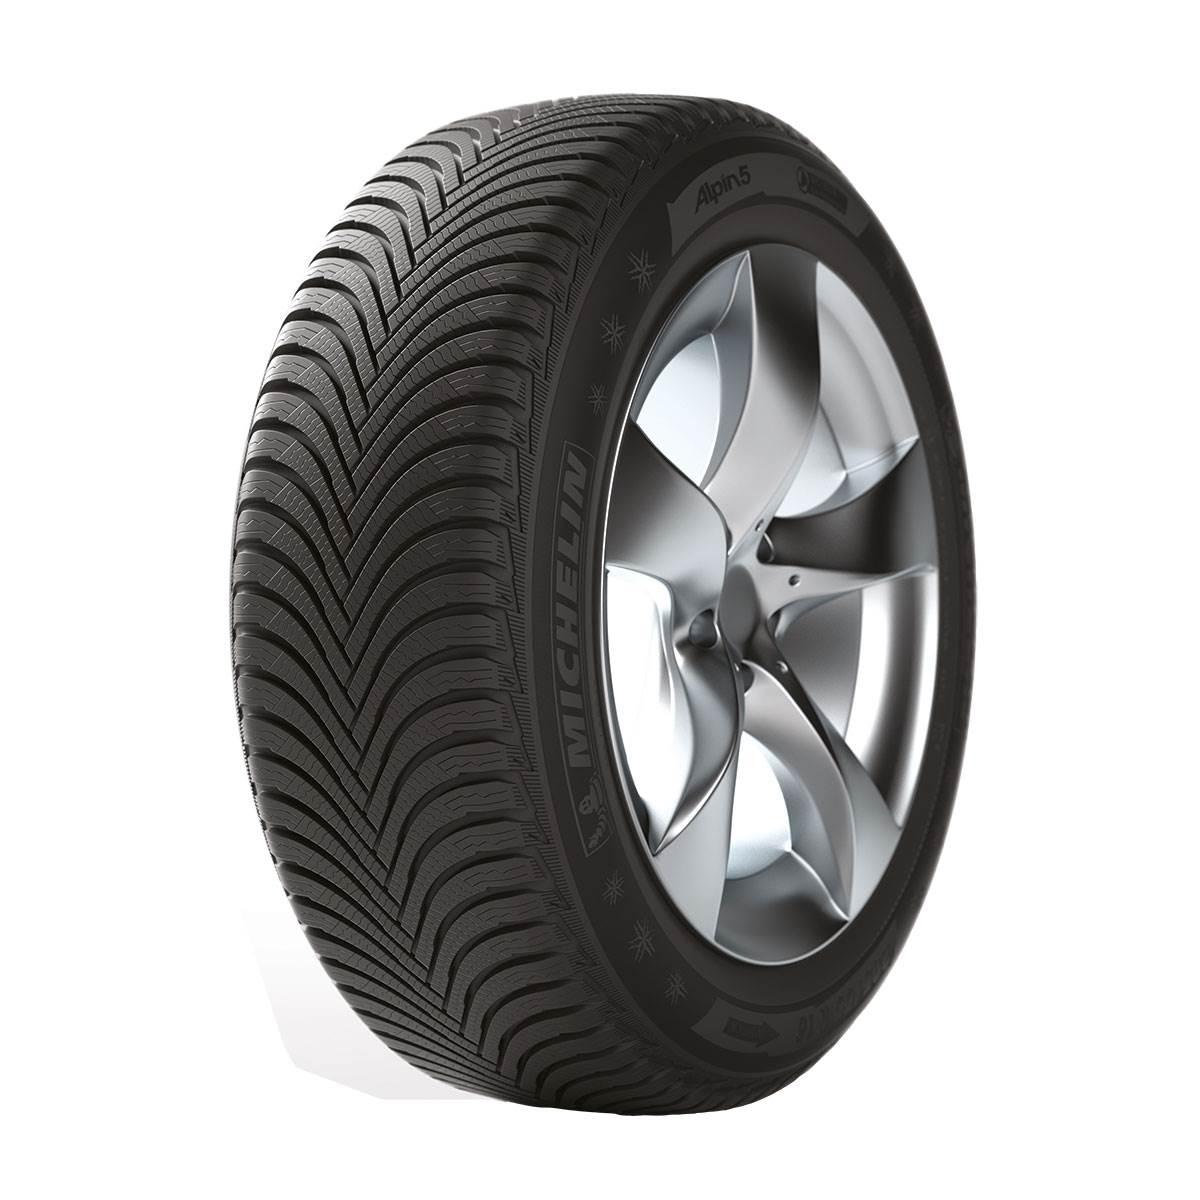 Pneu Hiver Michelin 225/45R17 91H Alpin A5